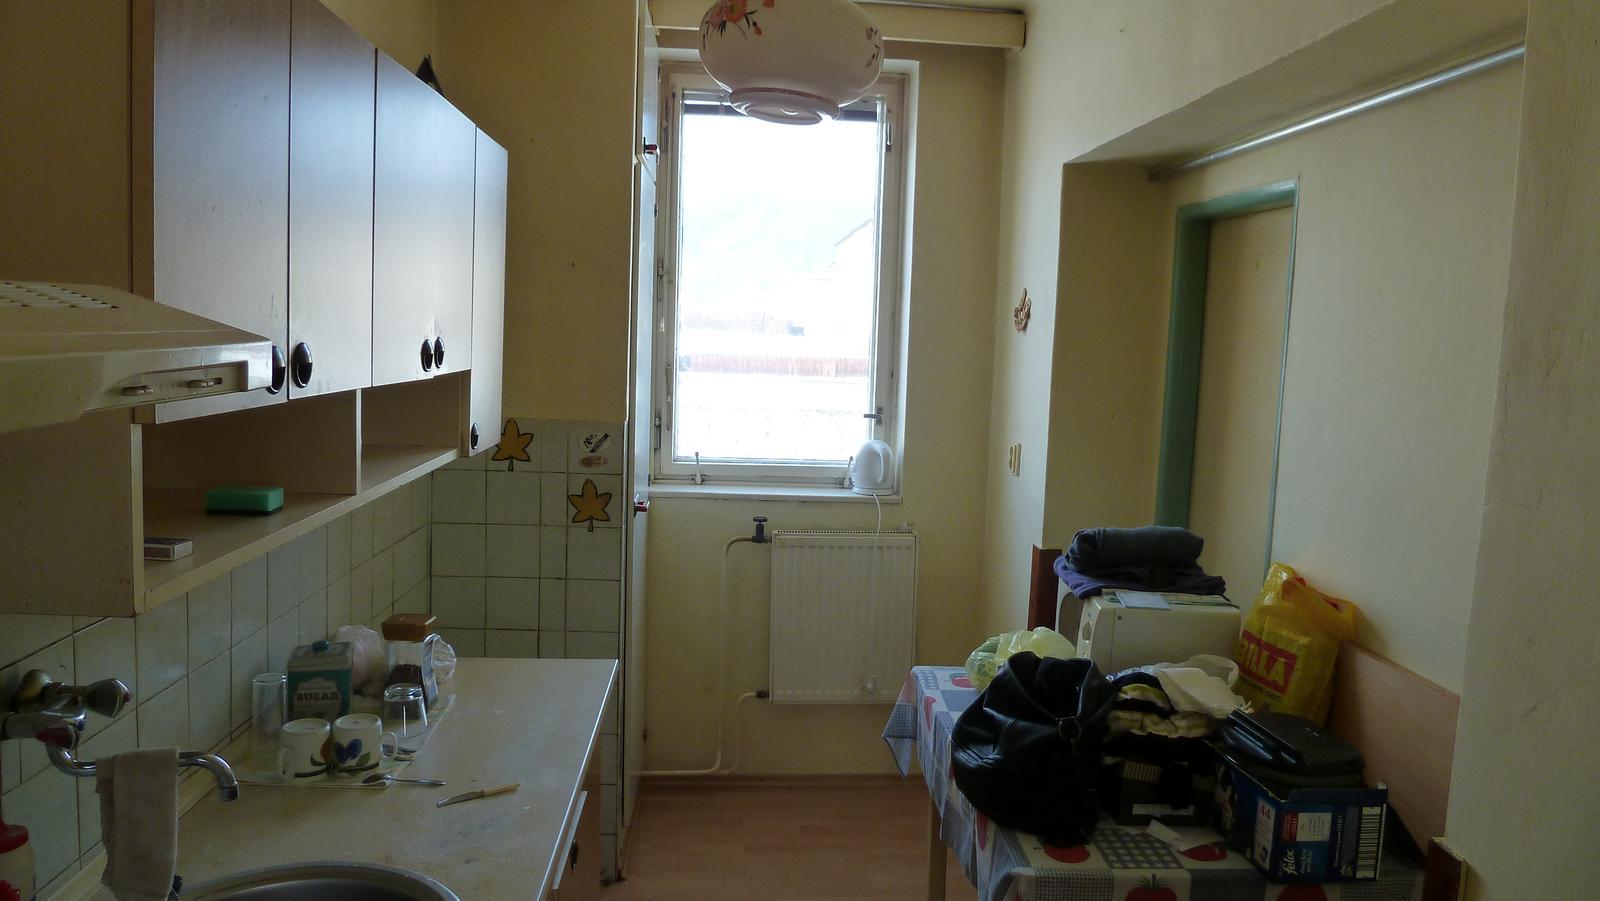 Projekt: Nové bývanie ... - ... kuchynka malá ale na varenie bude stačiť ... linka pôjde do L-ka až pod okno ...